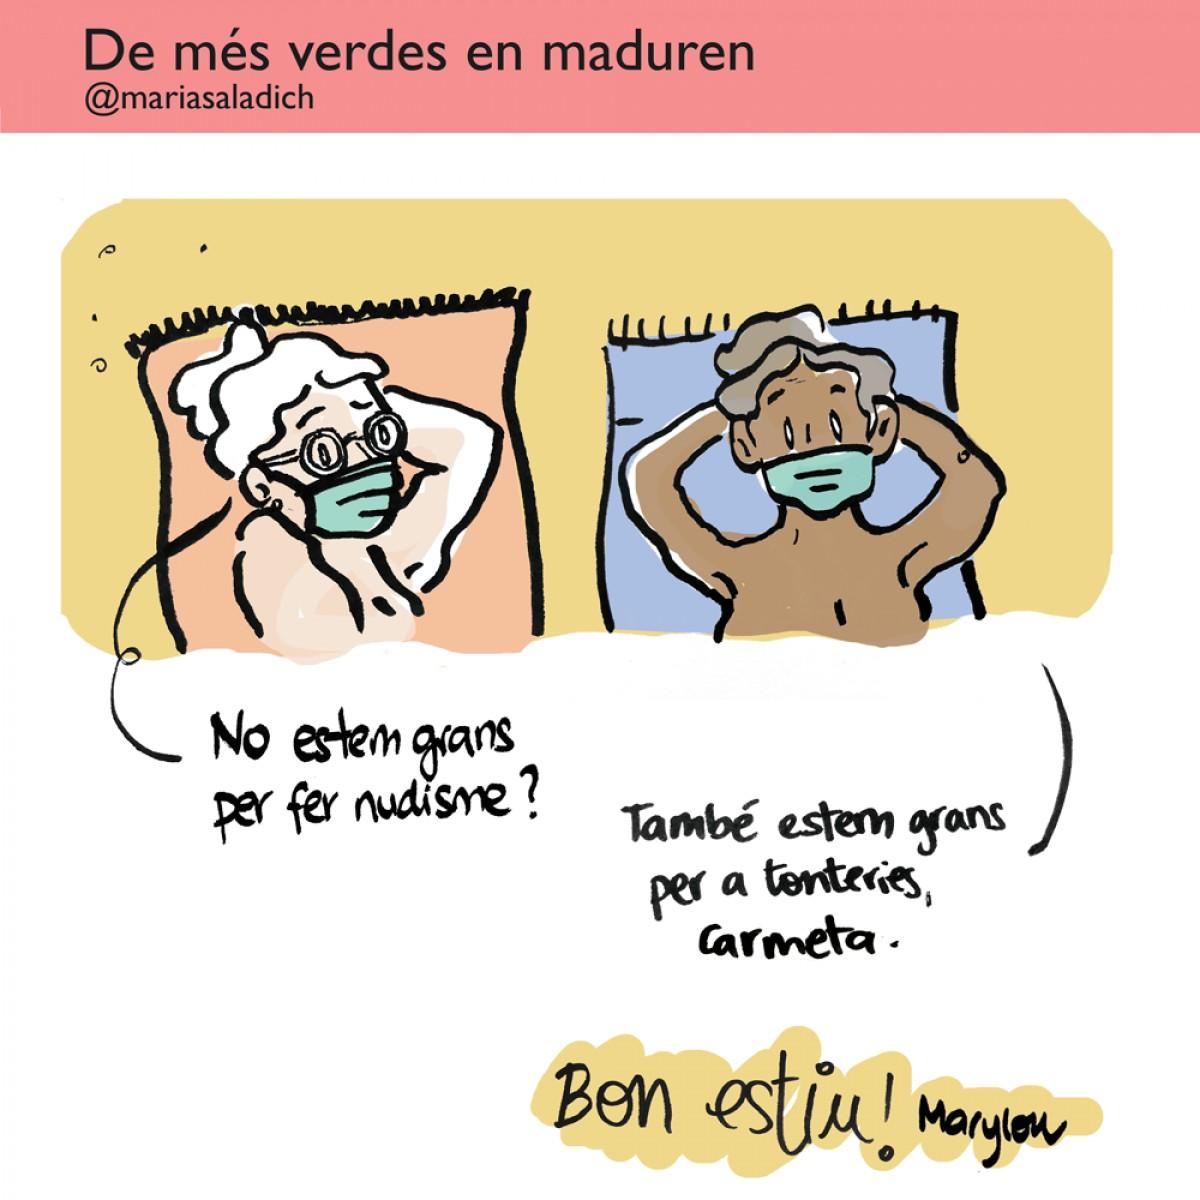 Les iaies de la il·lustradora Maria Saladich practiquen el nudisme, ja no estan per tonteries!